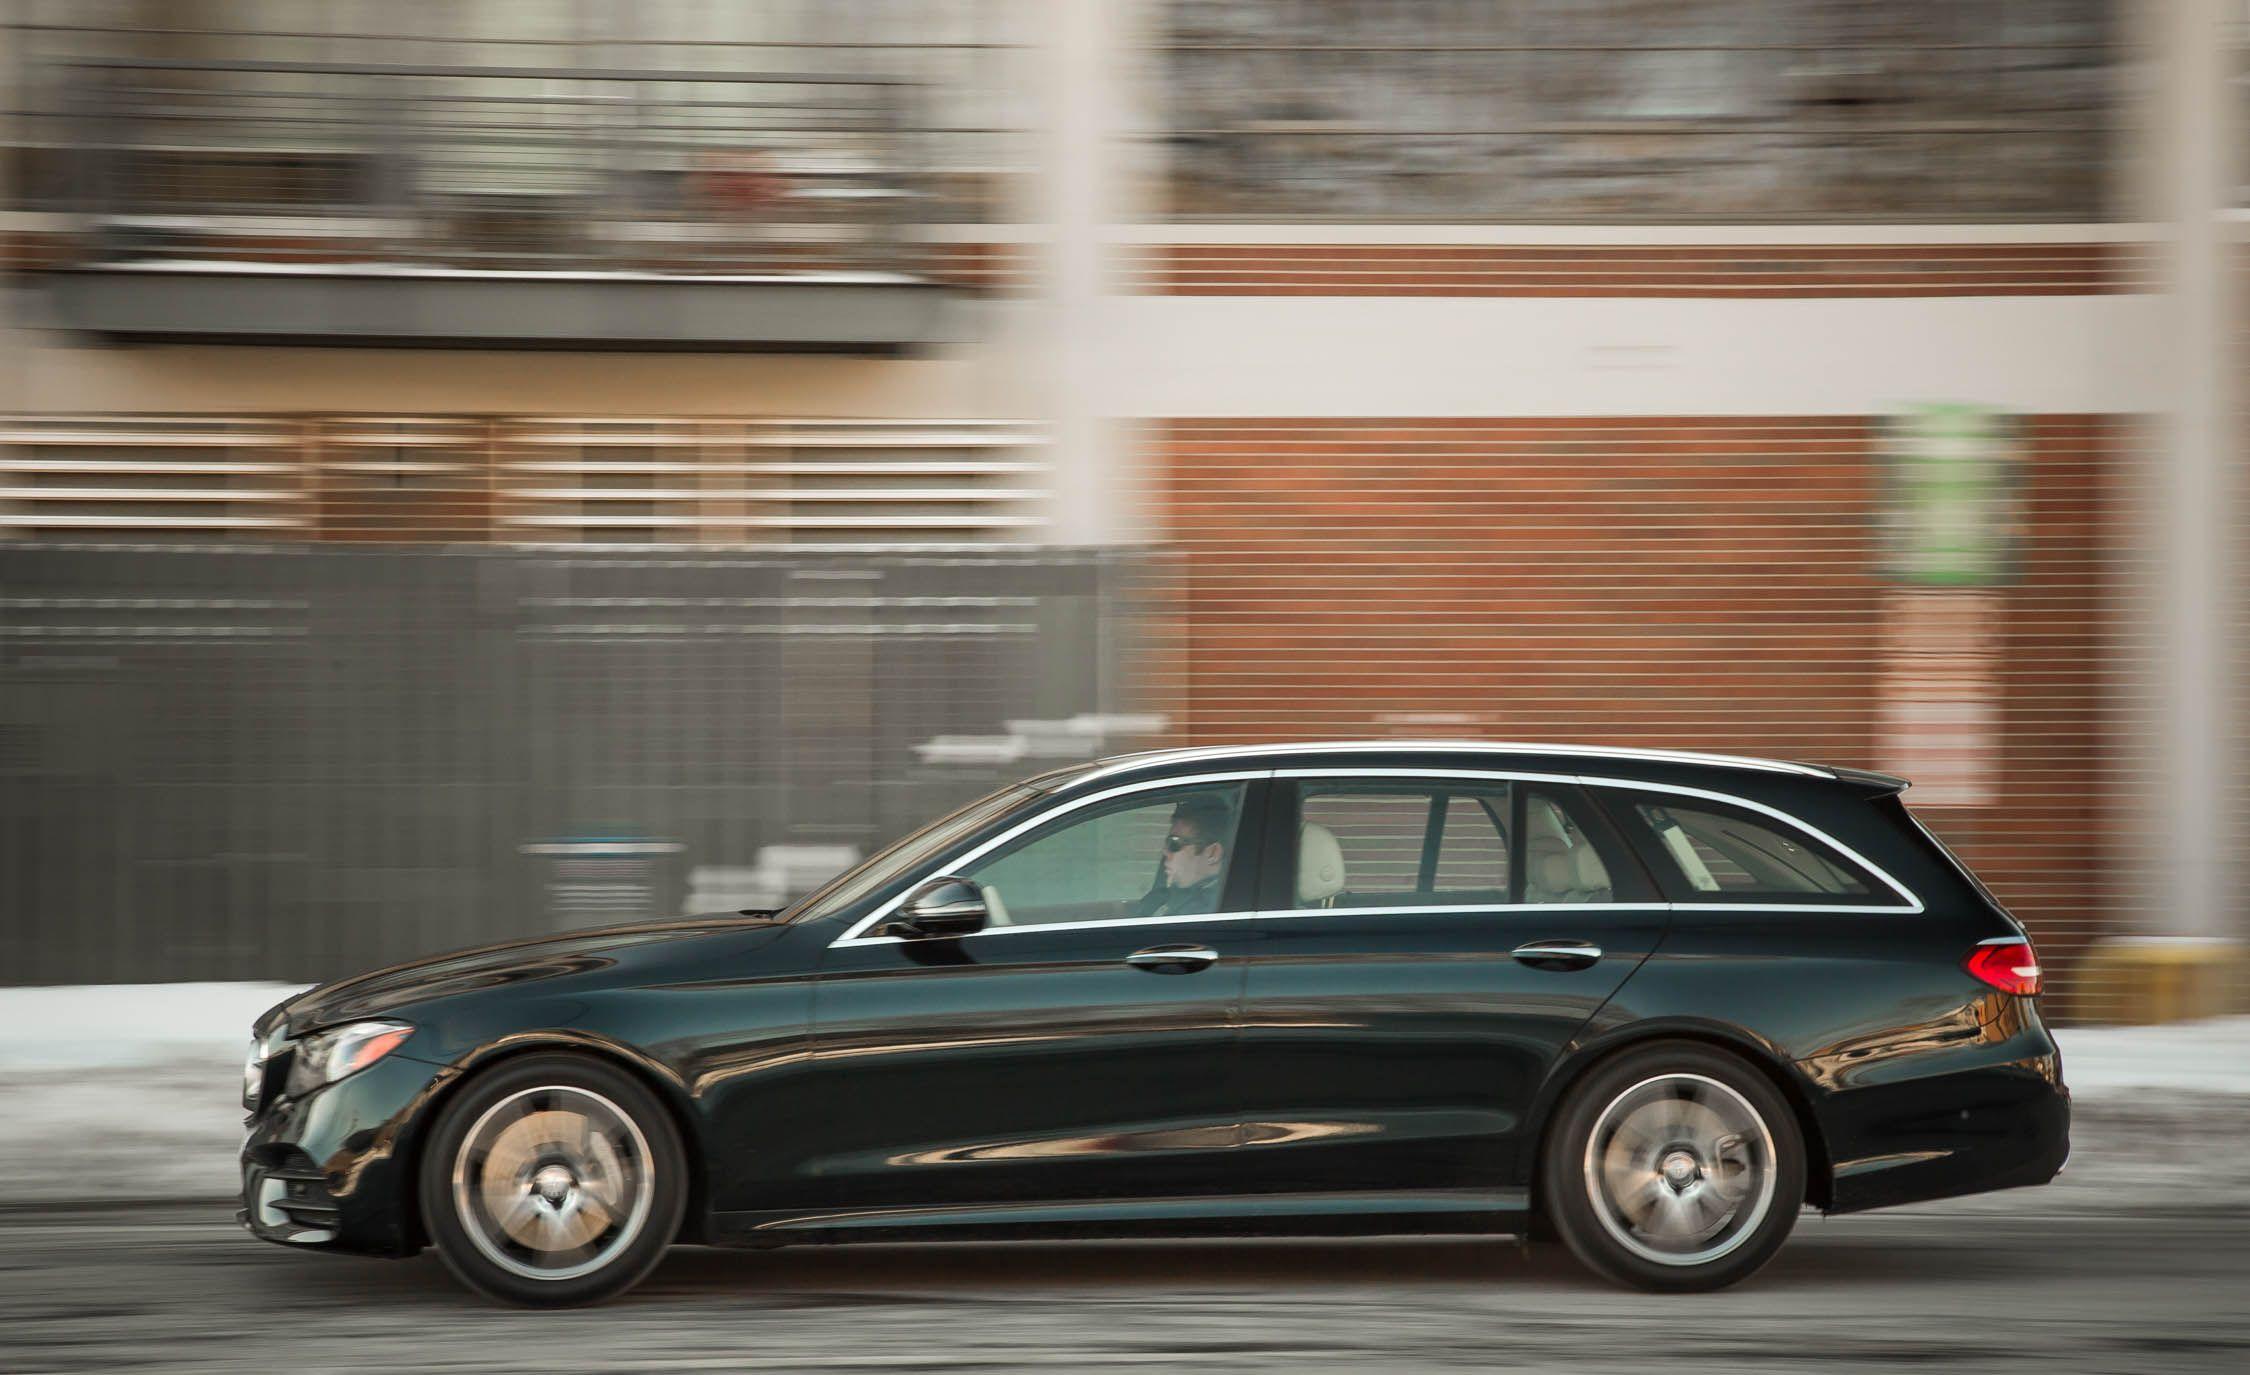 2019 Mercedes Benz E Cl Wagon Reviews Price Photos And Specs Car Driver